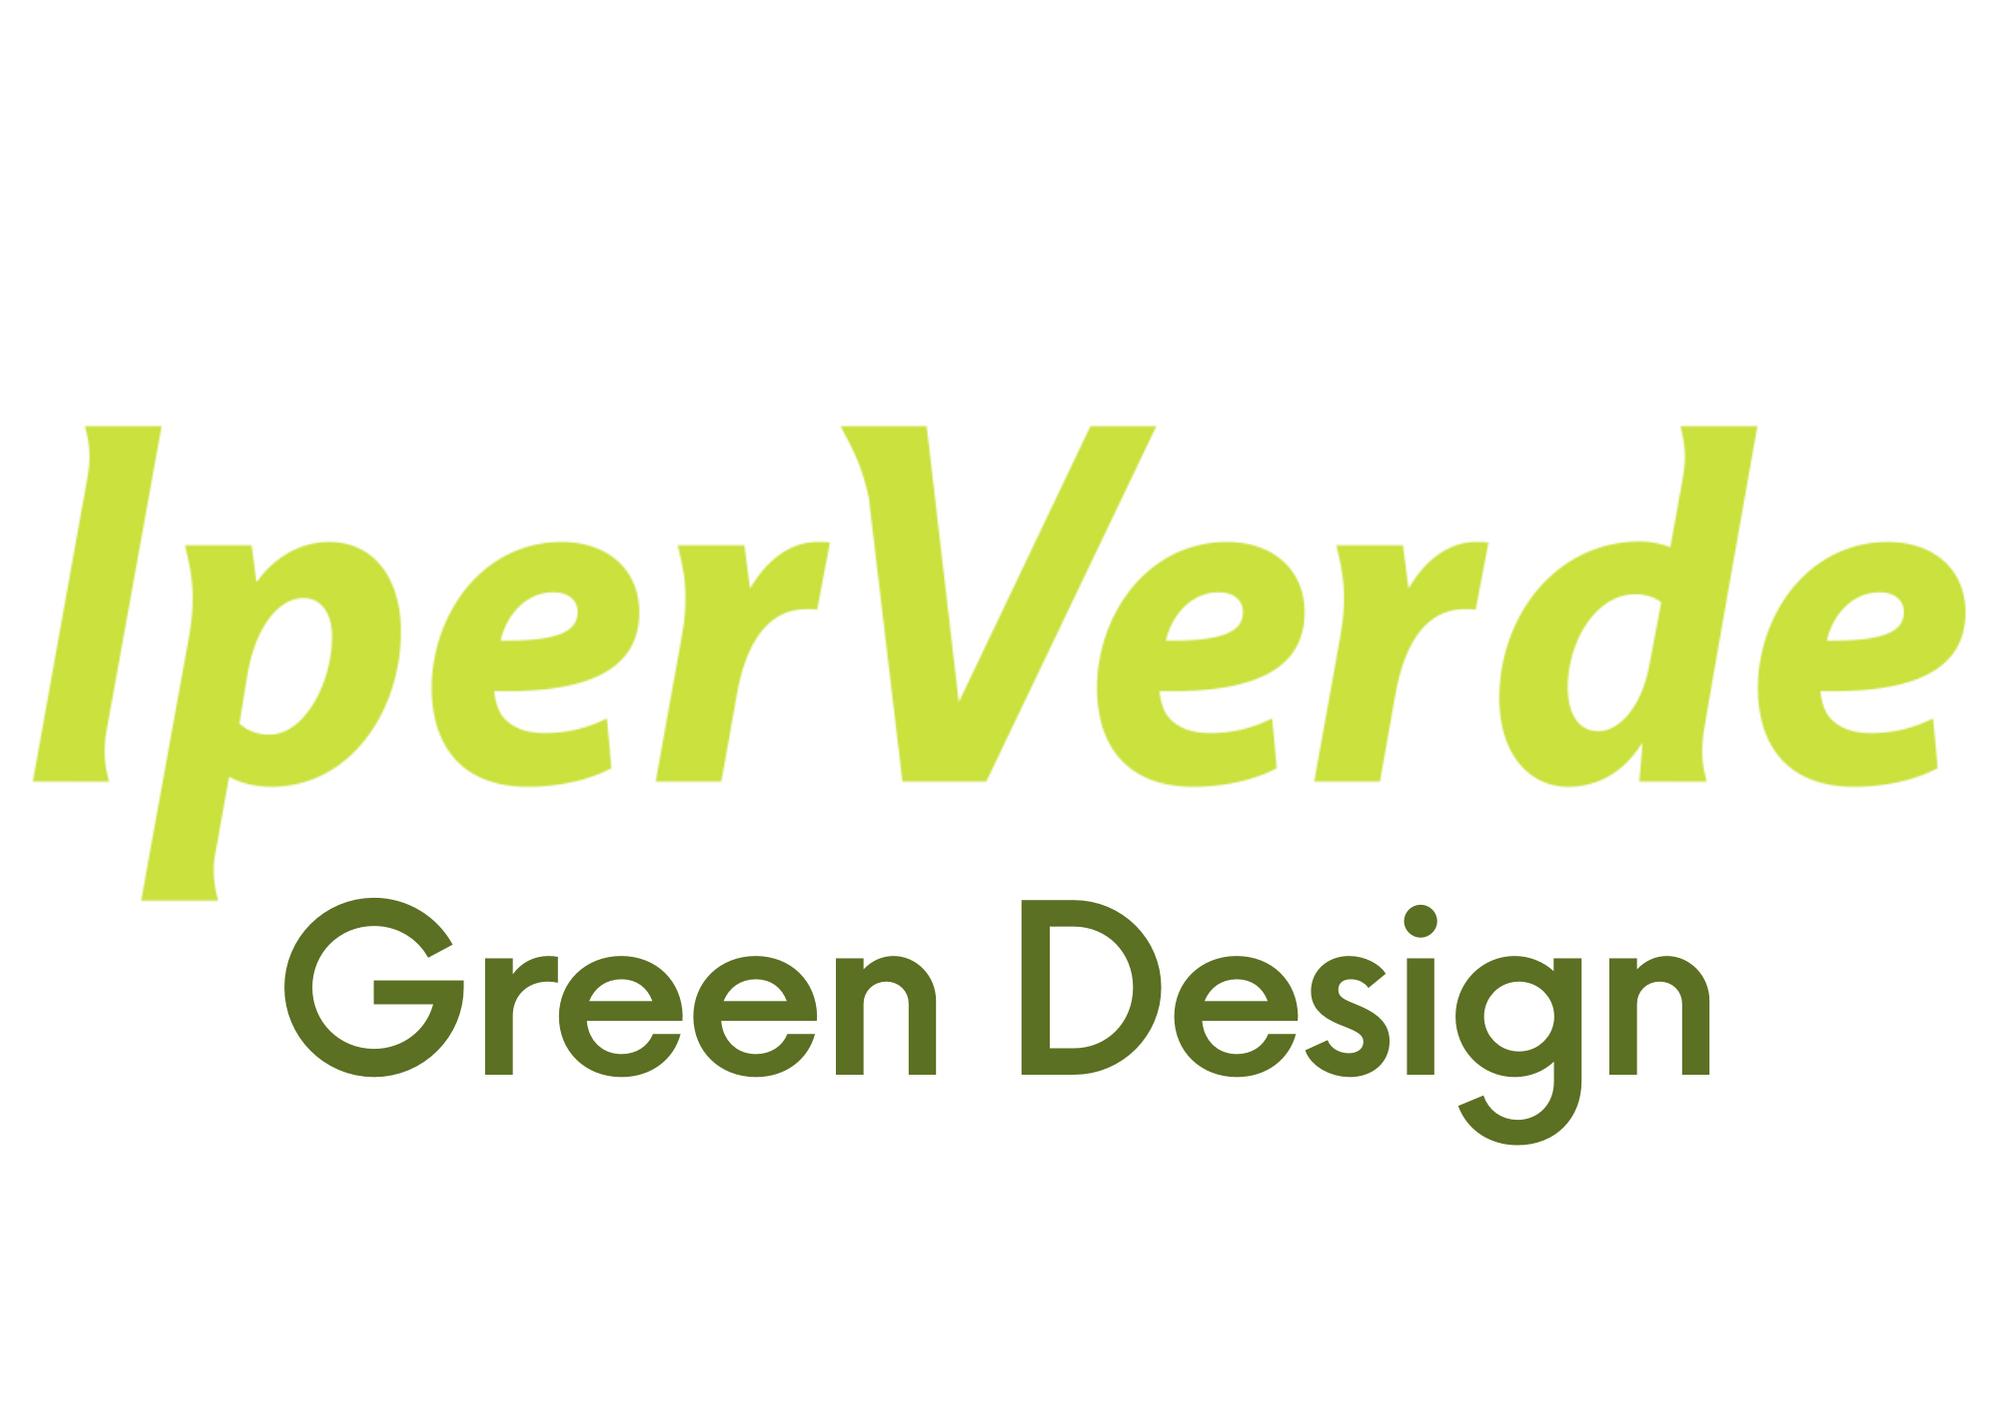 logo Iperverde green design